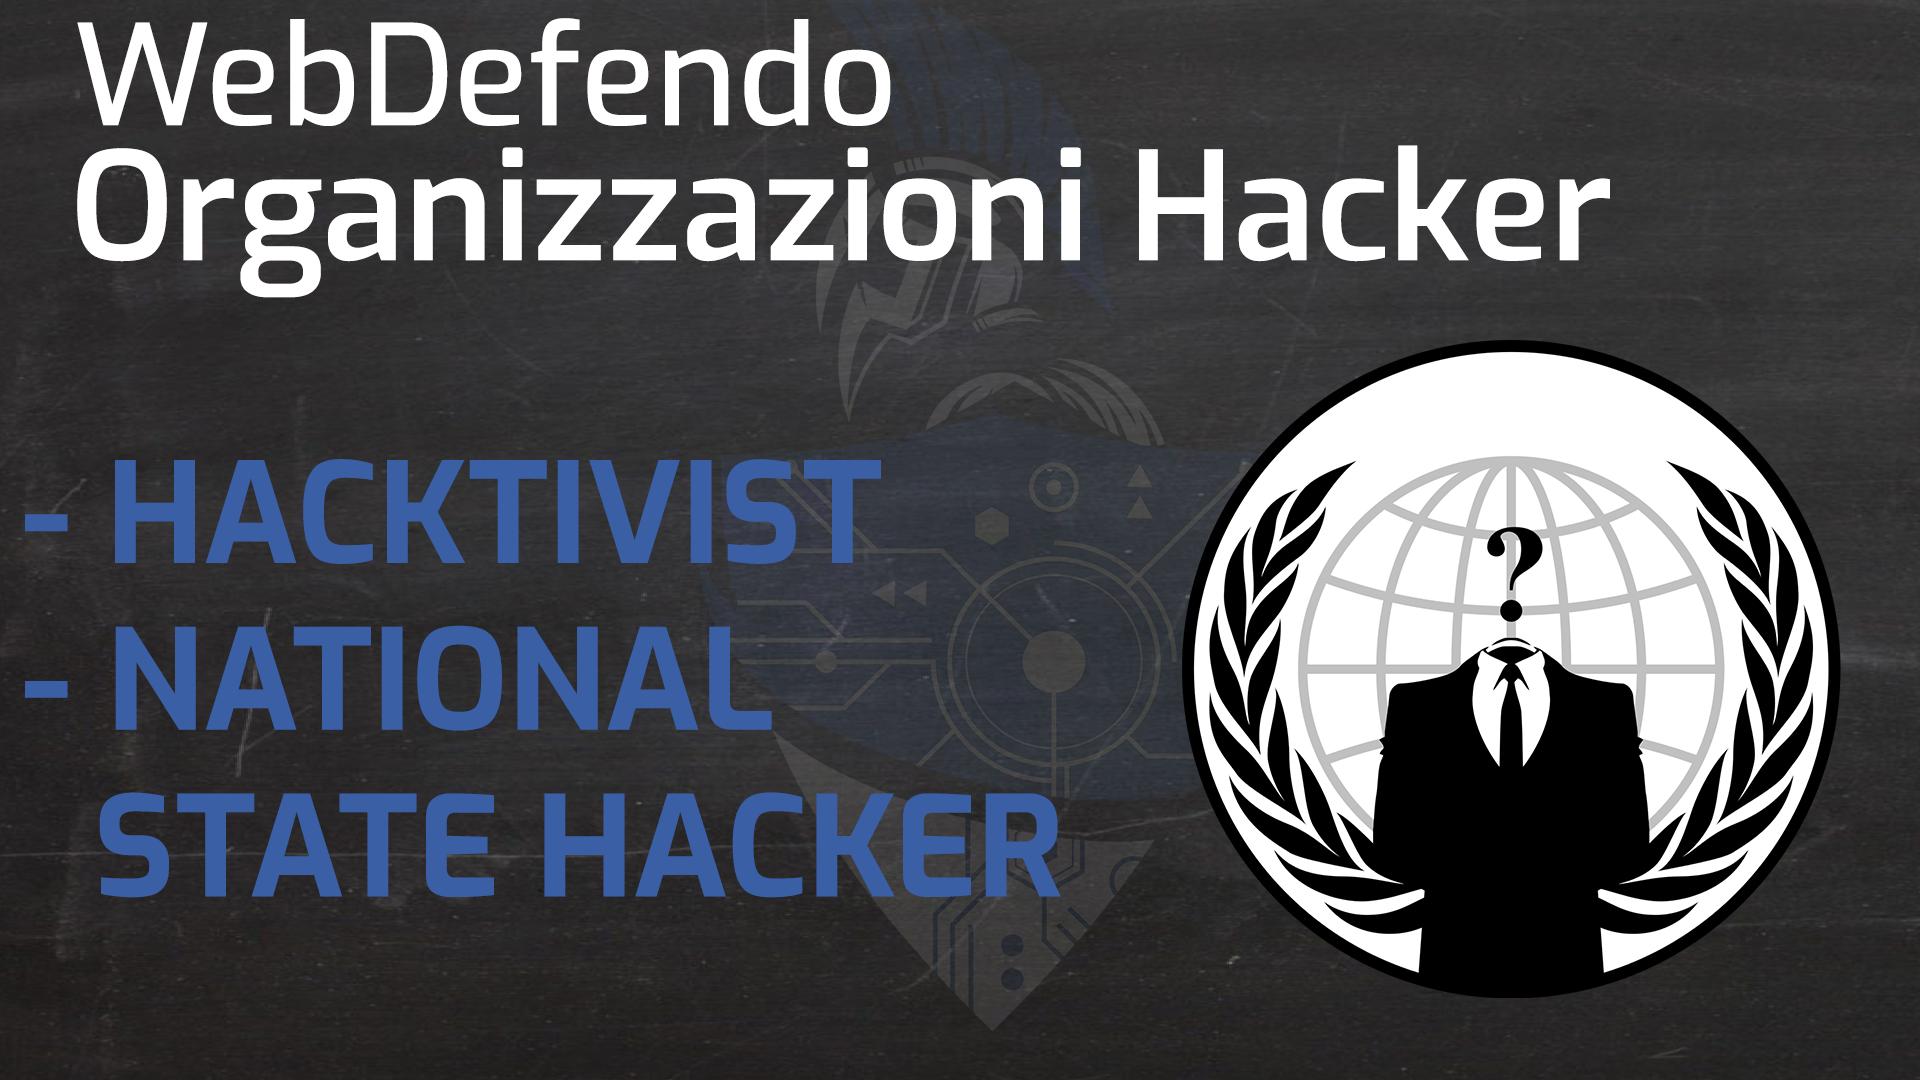 Organizzazioni hacker